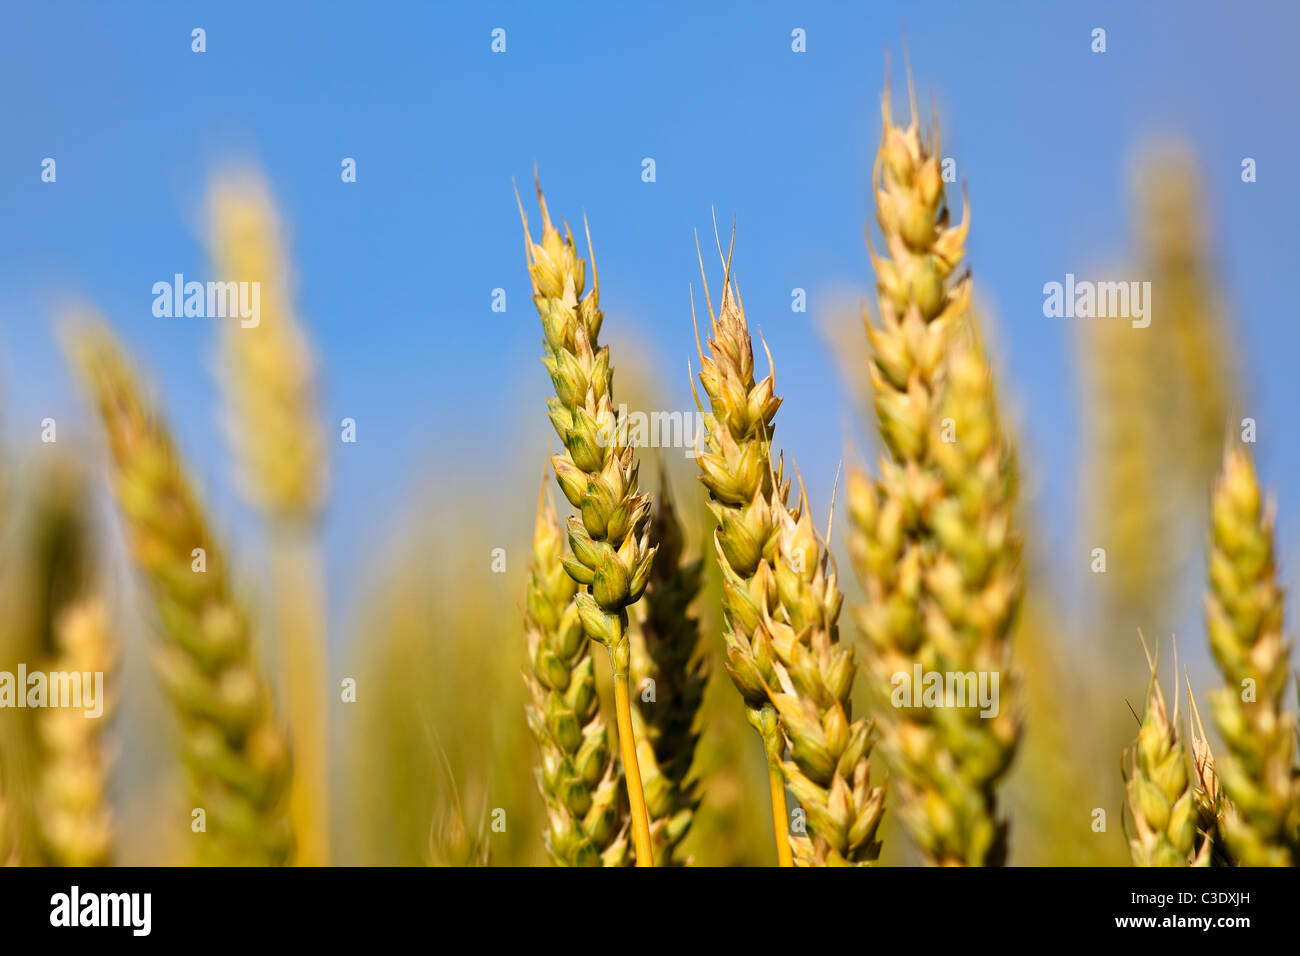 Cerca de trigo en las praderas canadienses, San León, Manitoba, Canadá Imagen De Stock